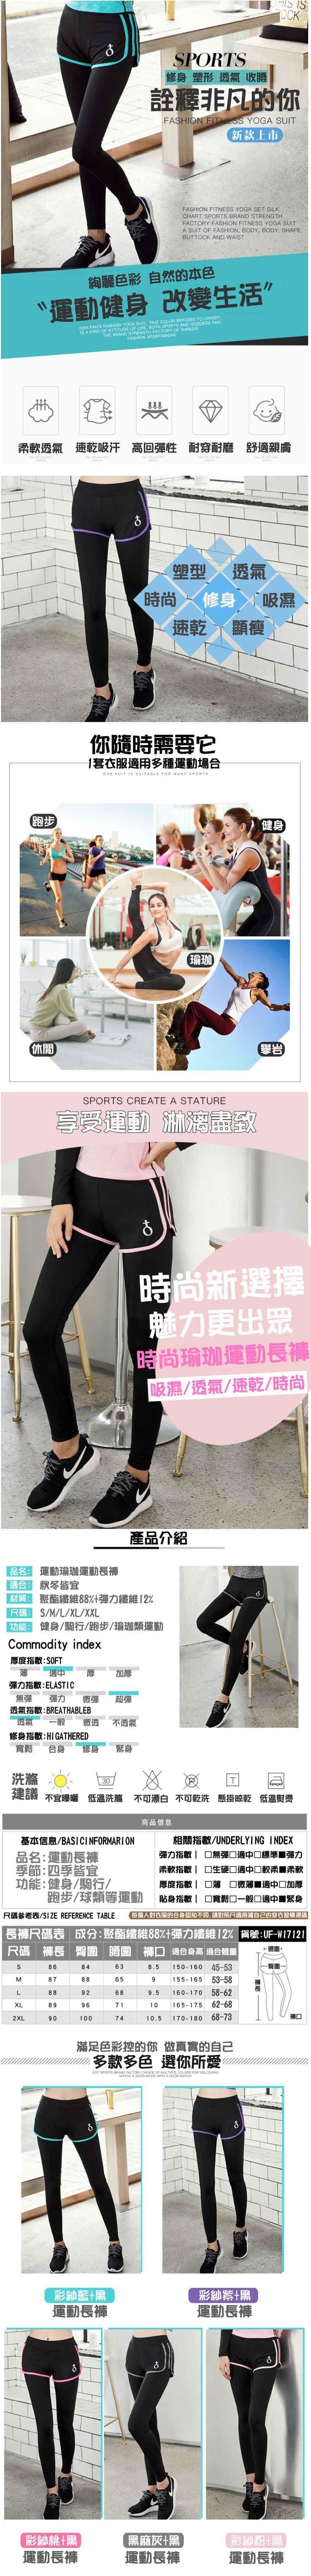 【UF72+】UF-W17121時尚高彈力女款速乾瑜珈輕壓假兩件運動褲/黑灰 2